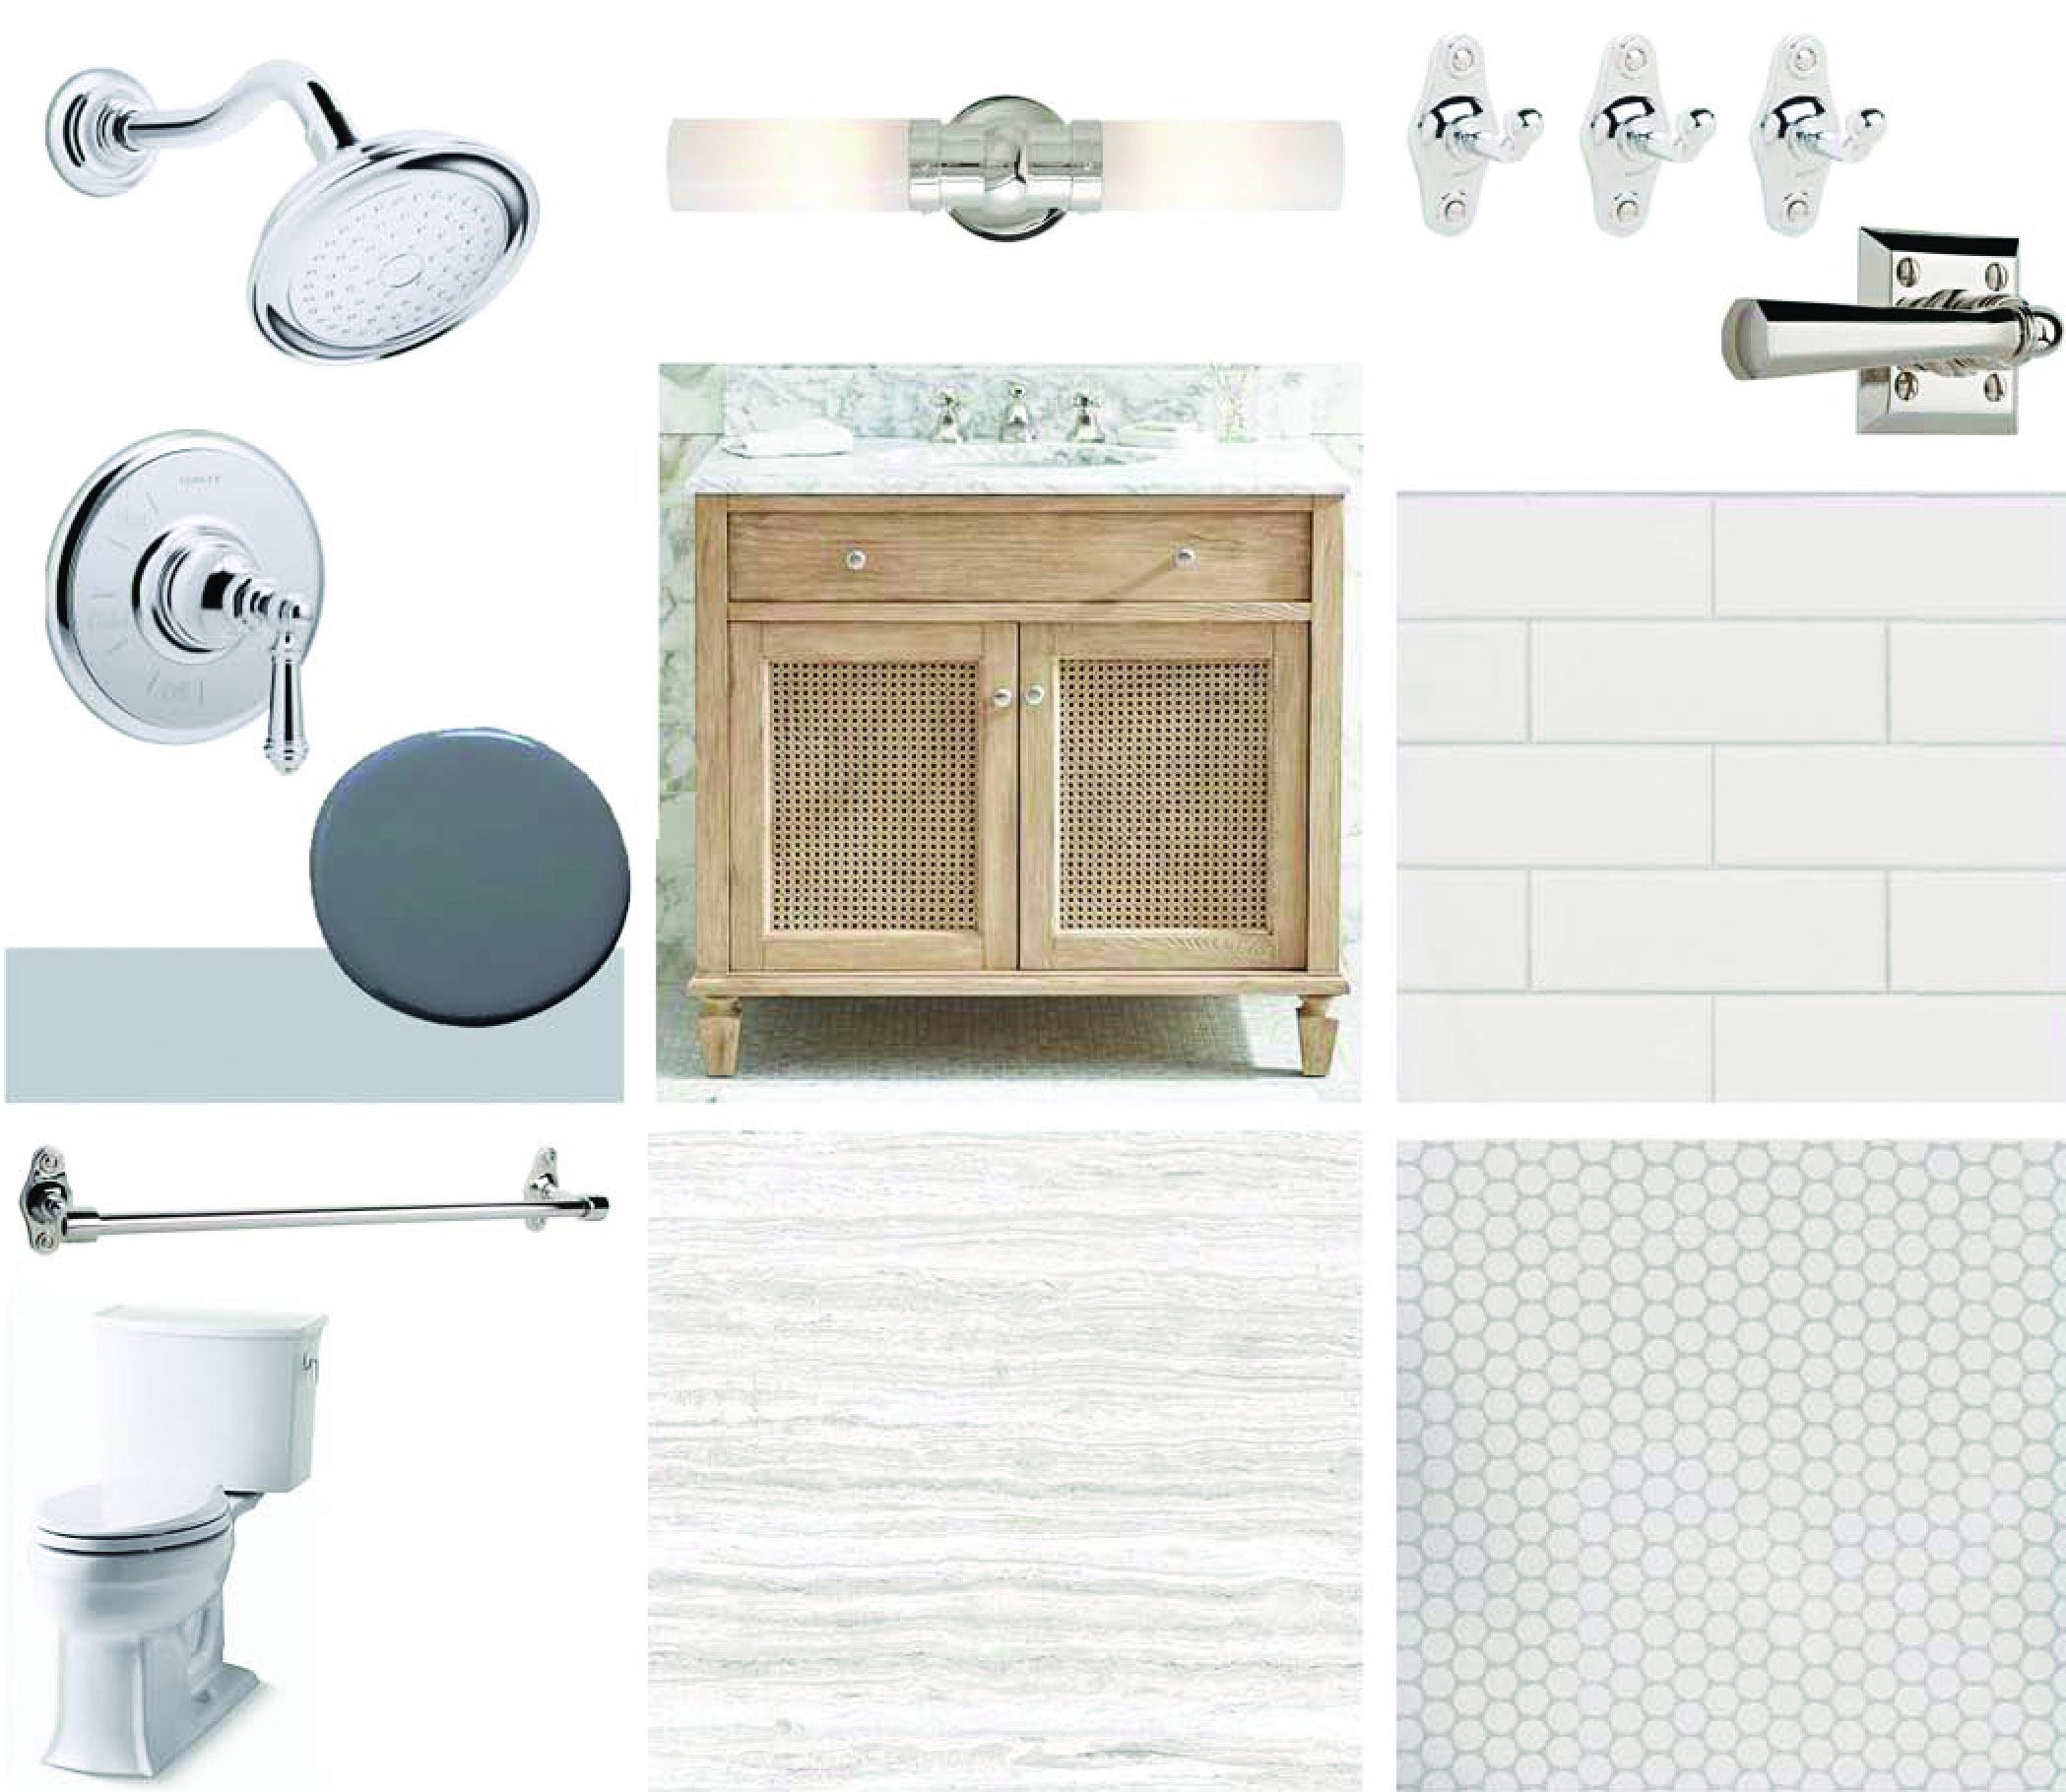 Roberge Bath Mood Board A.jpg